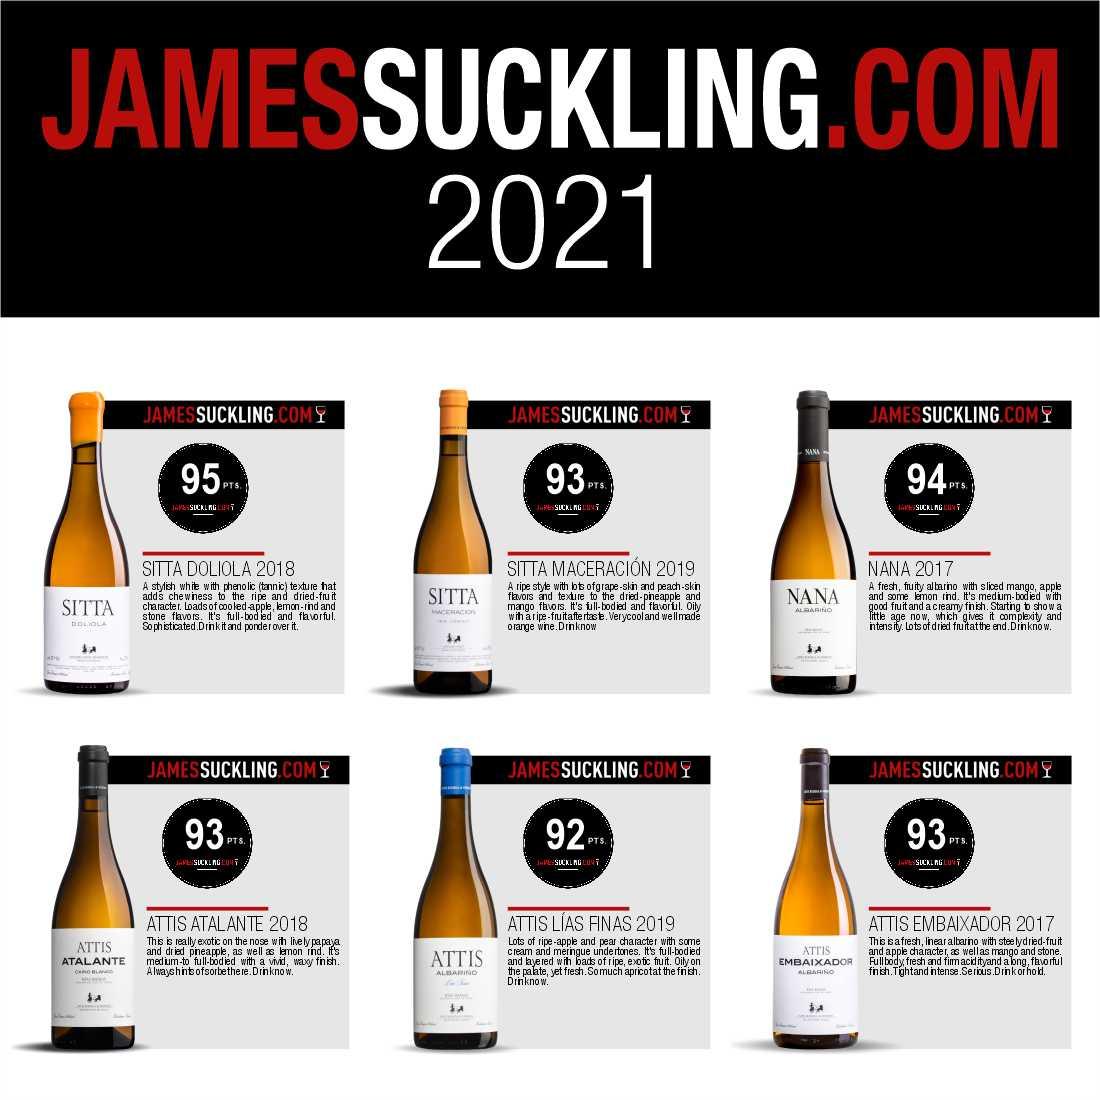 Puntuaciones de James Suckling para los vinos de Attis